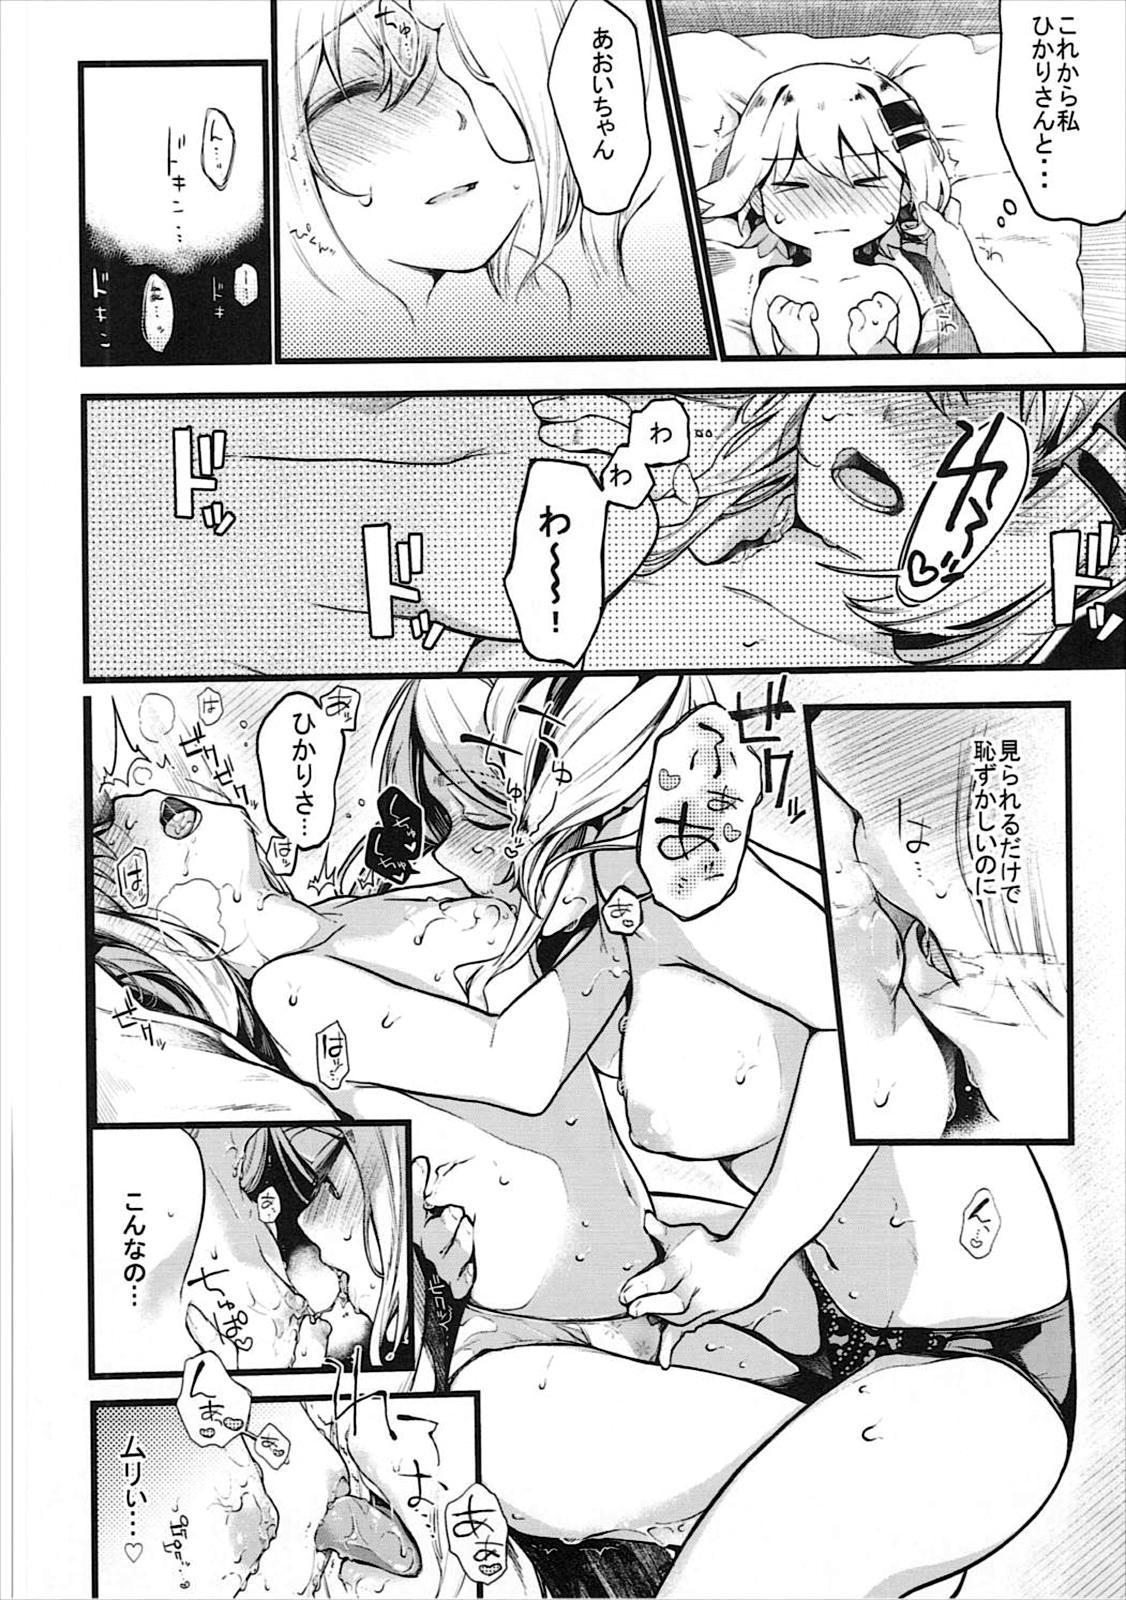 Kimochi Ii Koto Shiyokka? 8